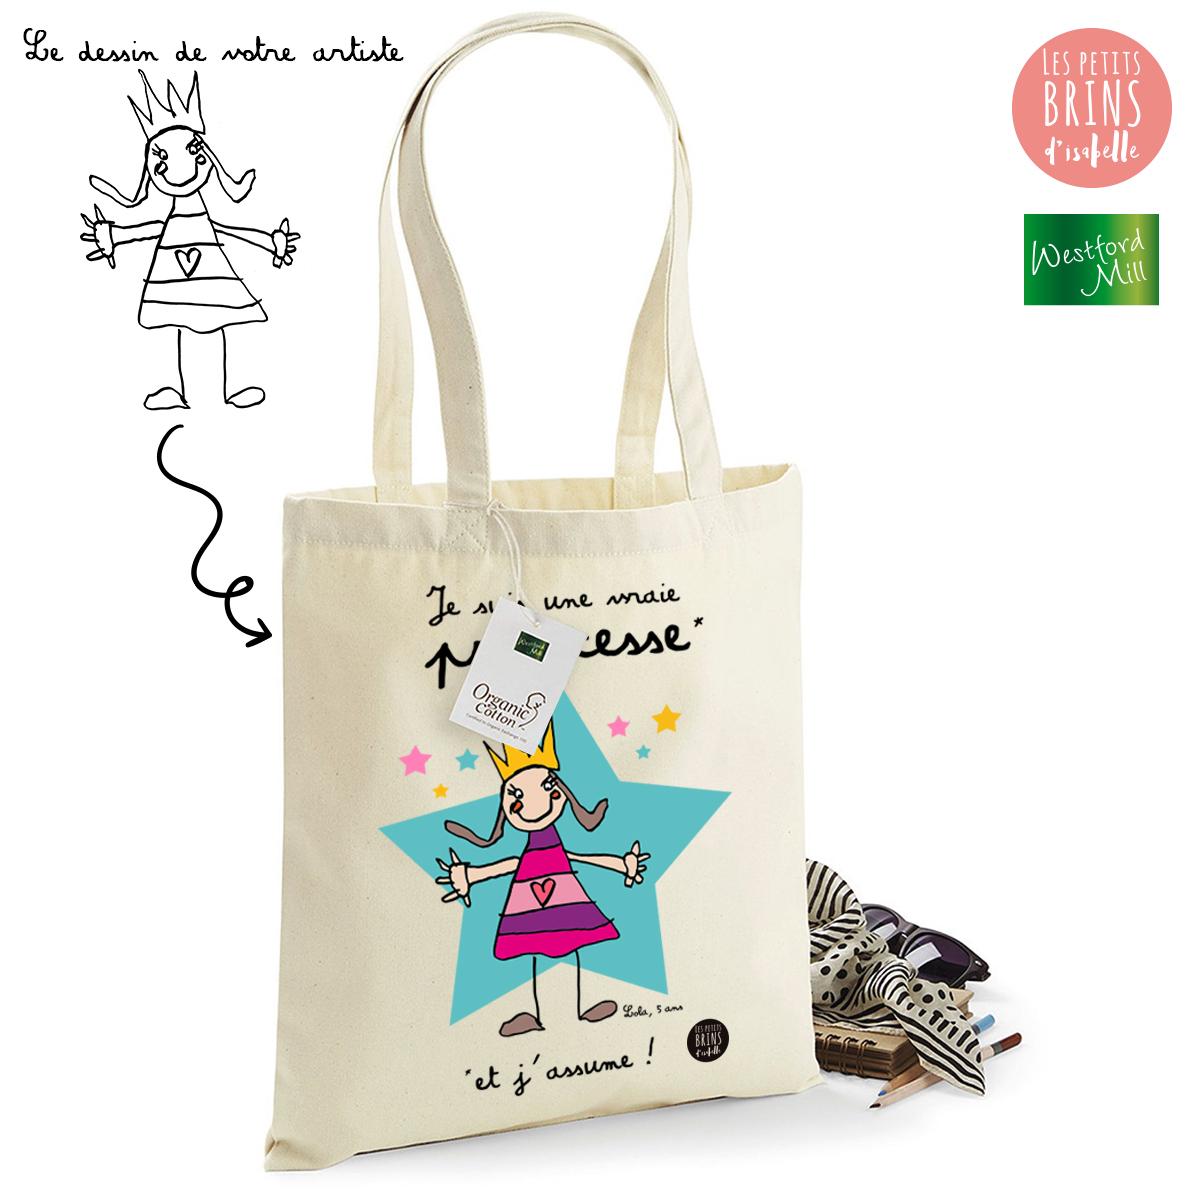 4e7a3bd19fa223 Sac Cabas Tote Bag personnalisé avec le dessin de votre enfant sublimé - Je  suis une